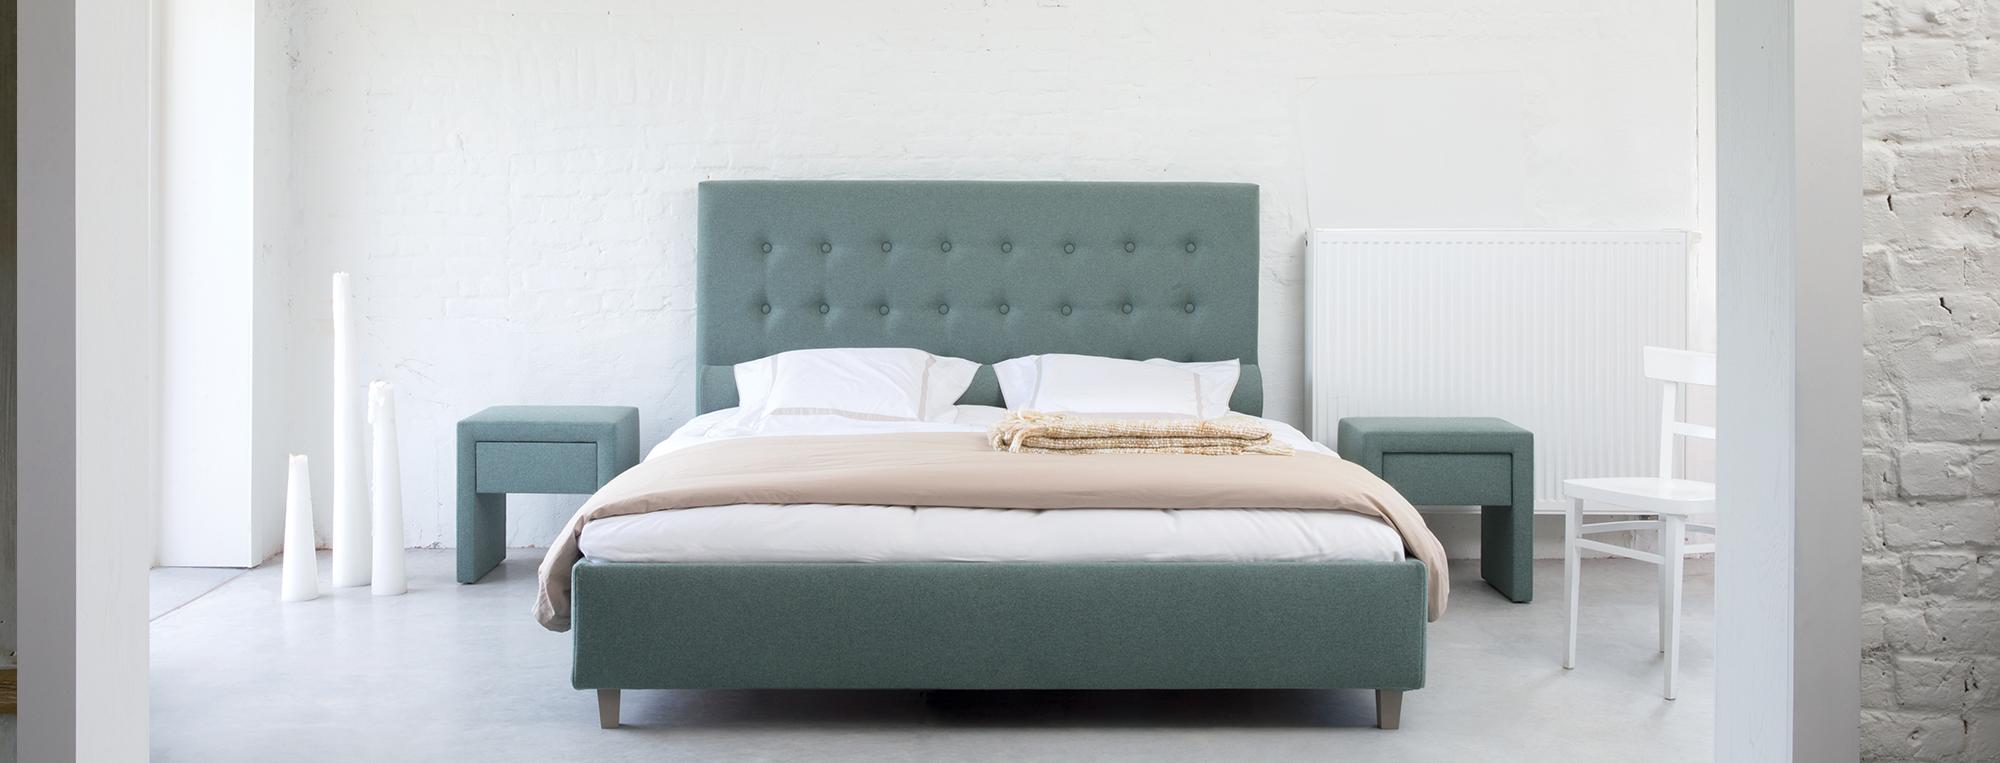 literie haut de gamme simmons simmons tout sur la literie. Black Bedroom Furniture Sets. Home Design Ideas